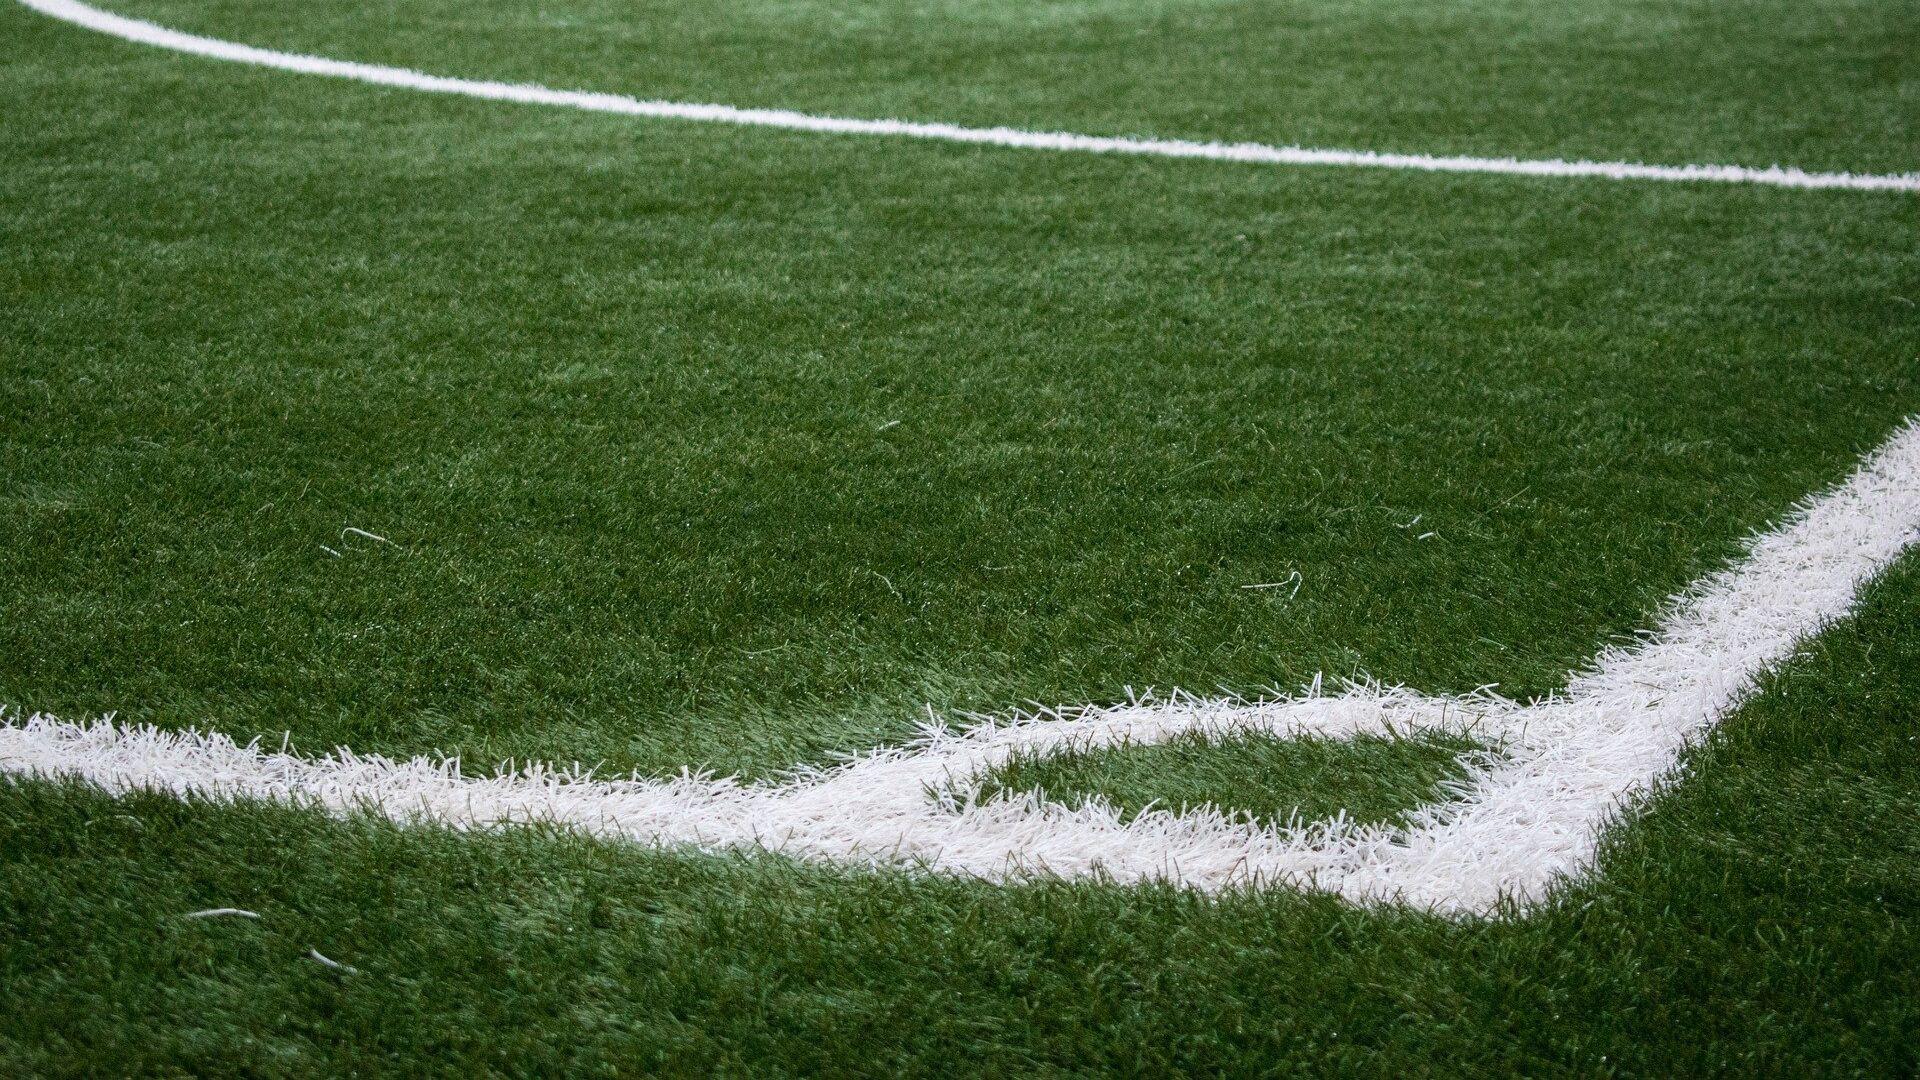 Campo de fútbol (imagen referencial) - Sputnik Mundo, 1920, 24.08.2021